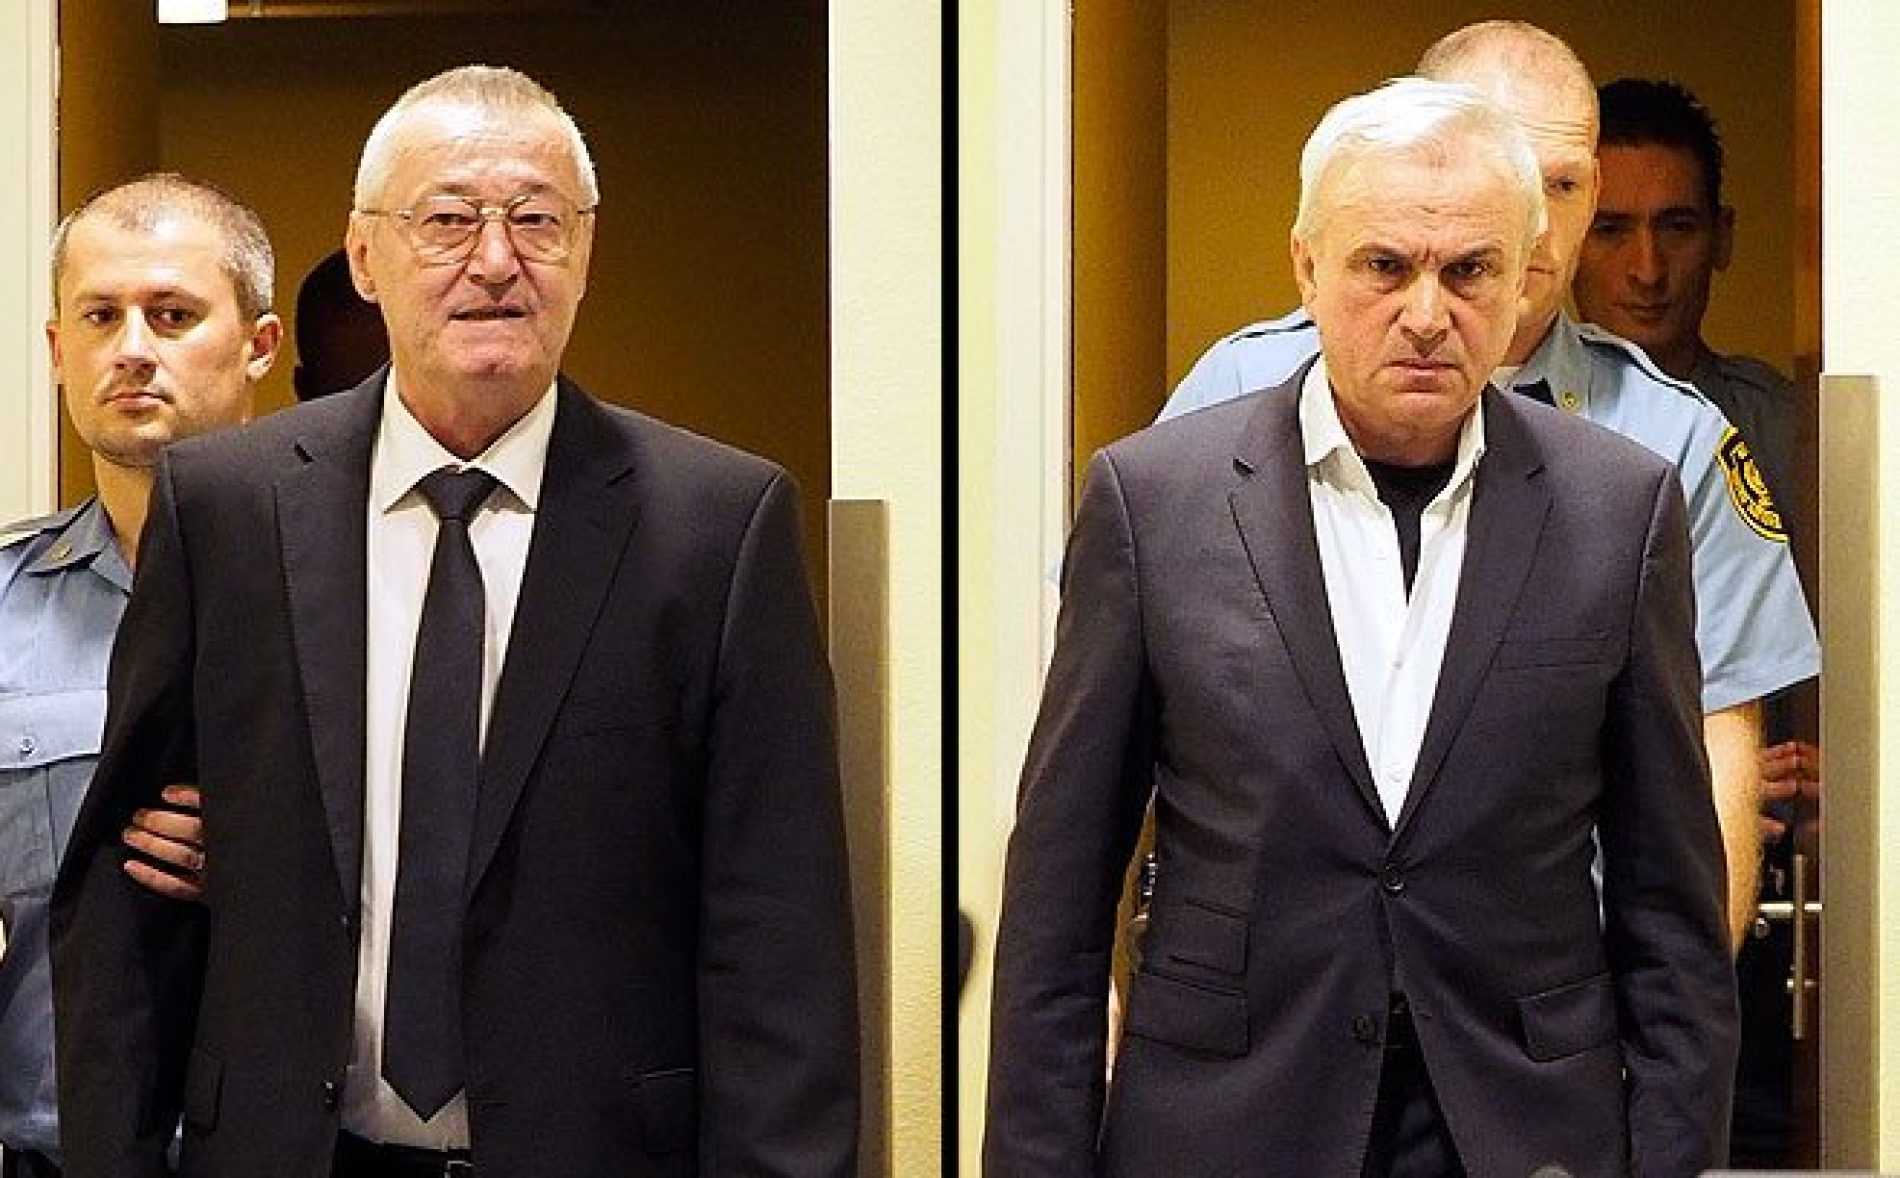 Služba državne bezbjednosti Srbije učestvovala u zločinima u Bosni i Hercegovini